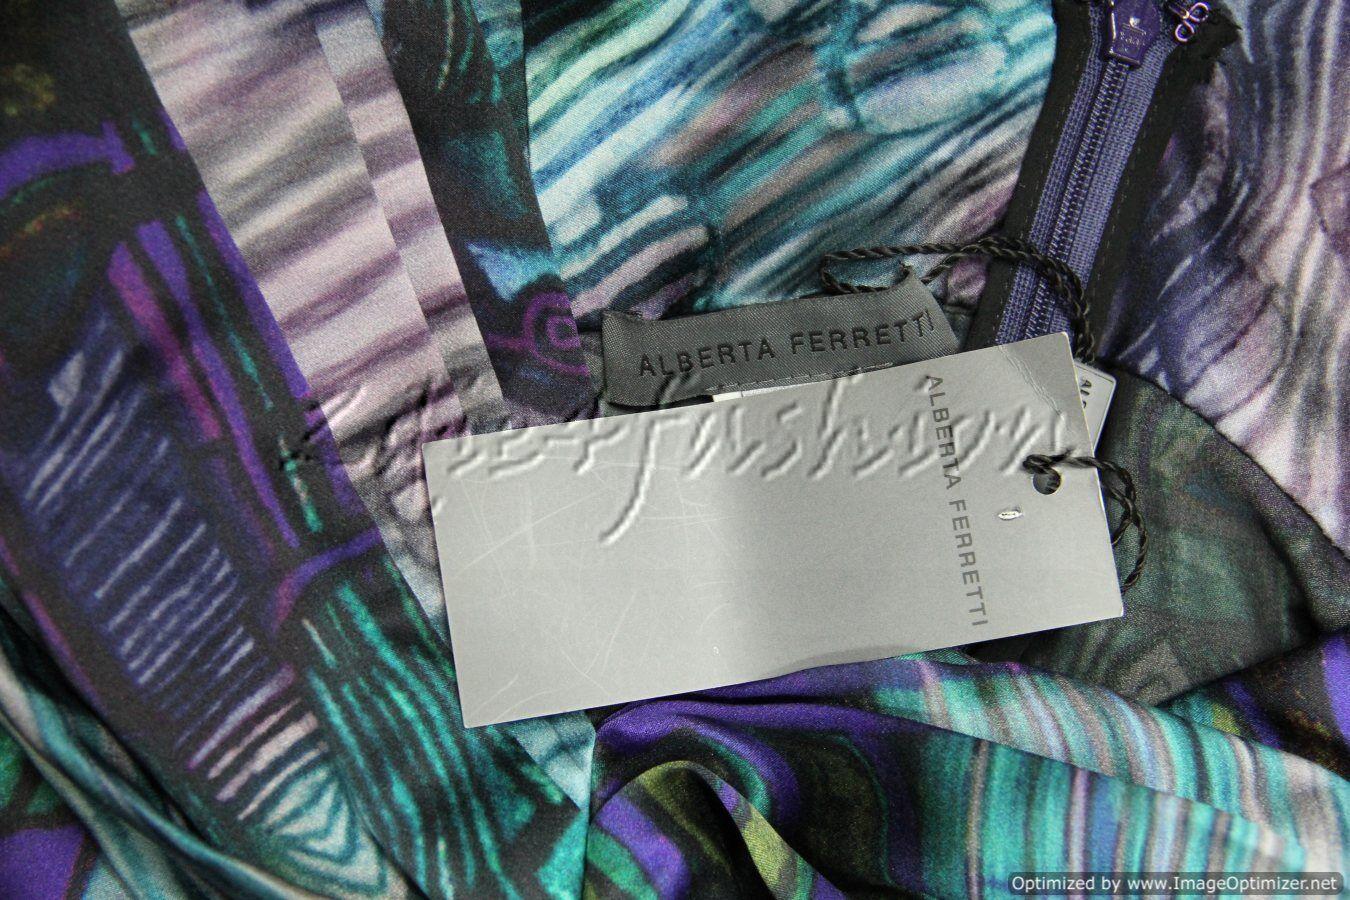 2390 New ALBERTA FERRETTI Purple Teal Teal Teal Silk Art Print Sexy Pleated Dress 40 4 0f17d2